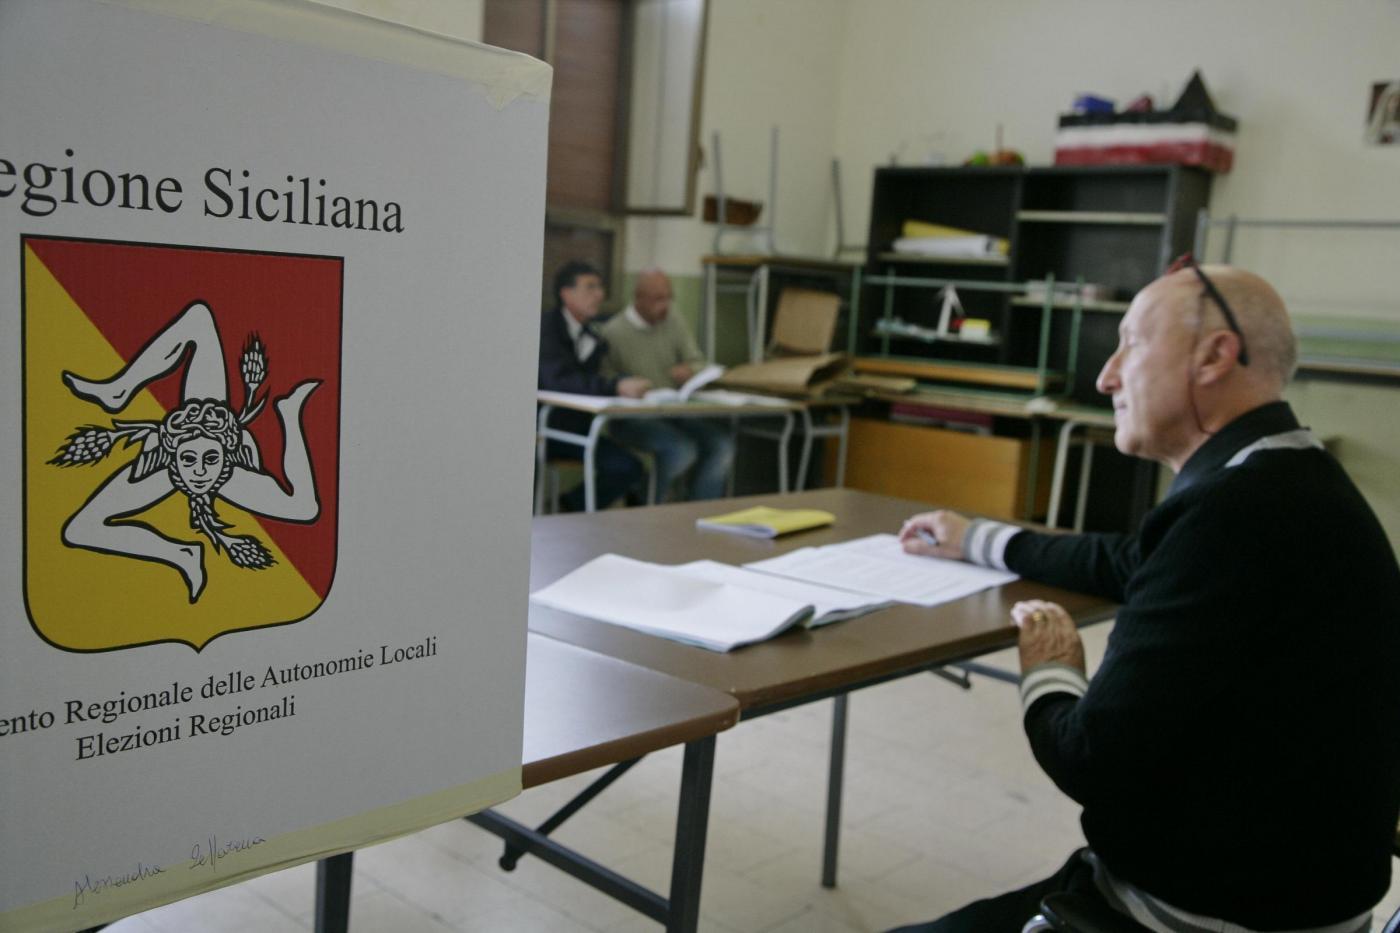 Elezioni Sicilia, vince l'astensionismo: il 53% non vota. In vantaggio Pd e Udc con Crocetta